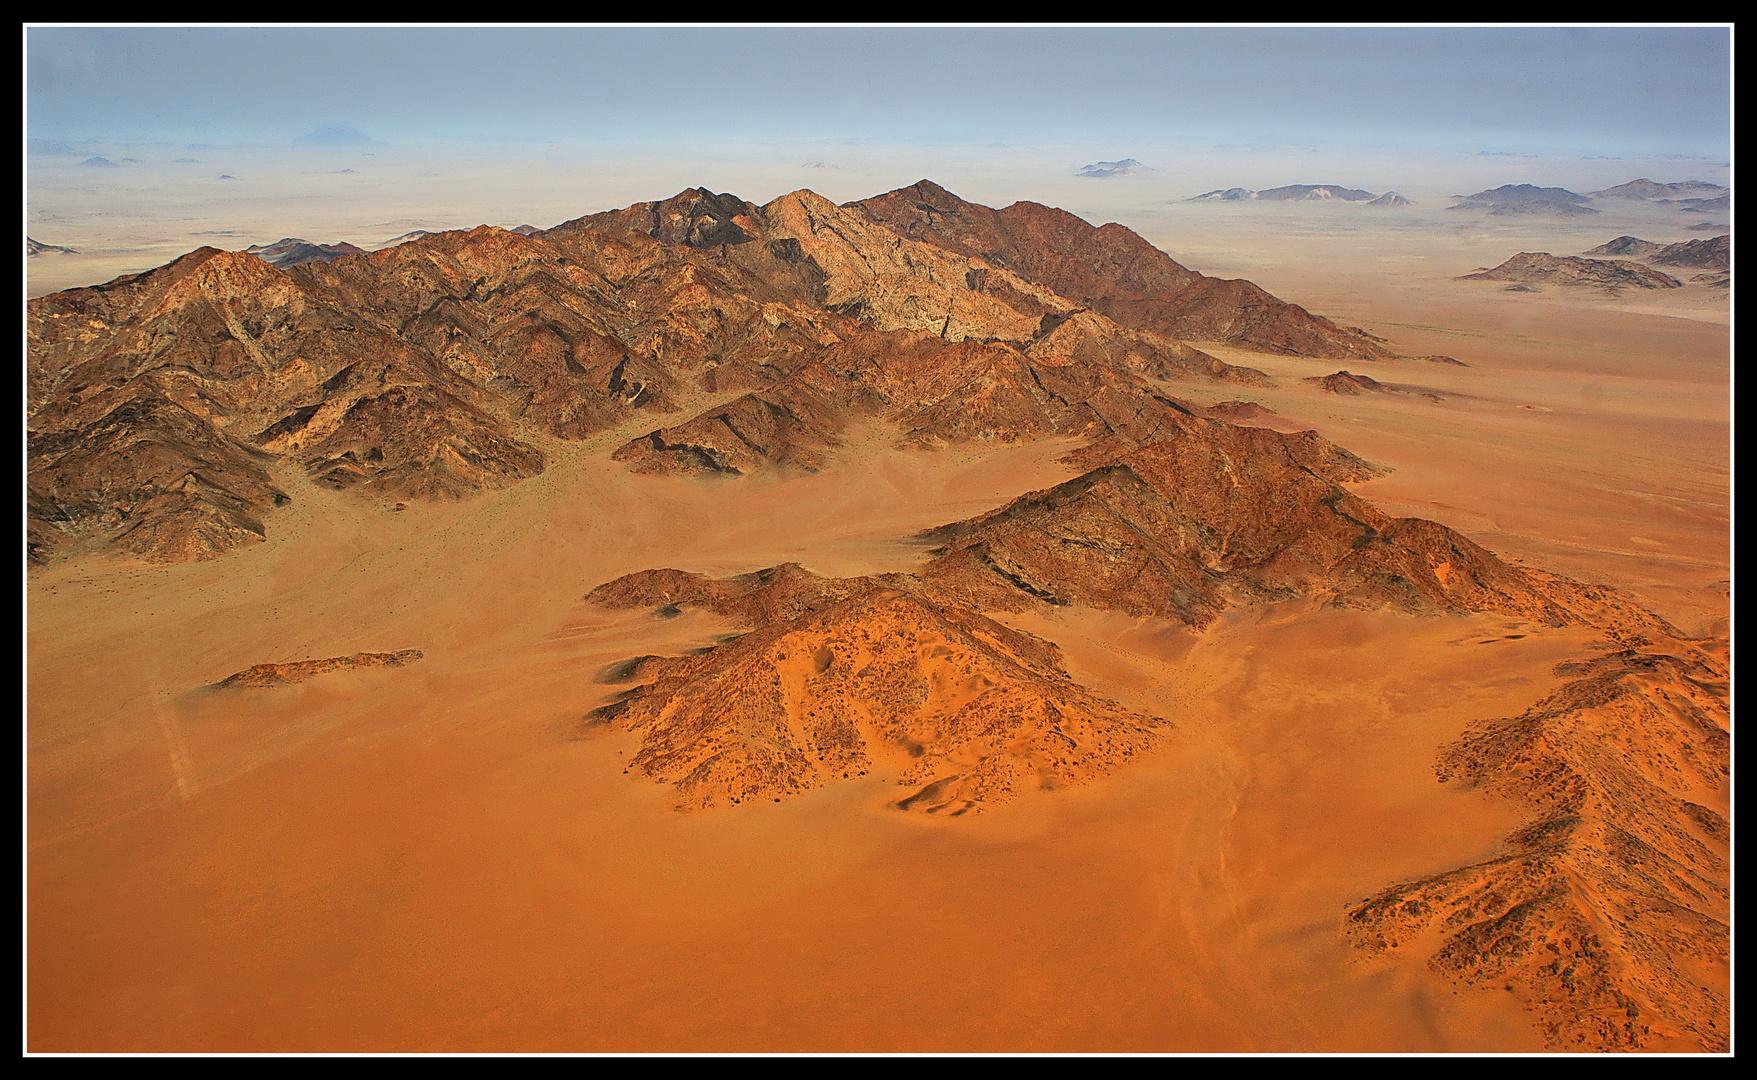 Vor Wolwedans, en Sud-Ouest de Namibie